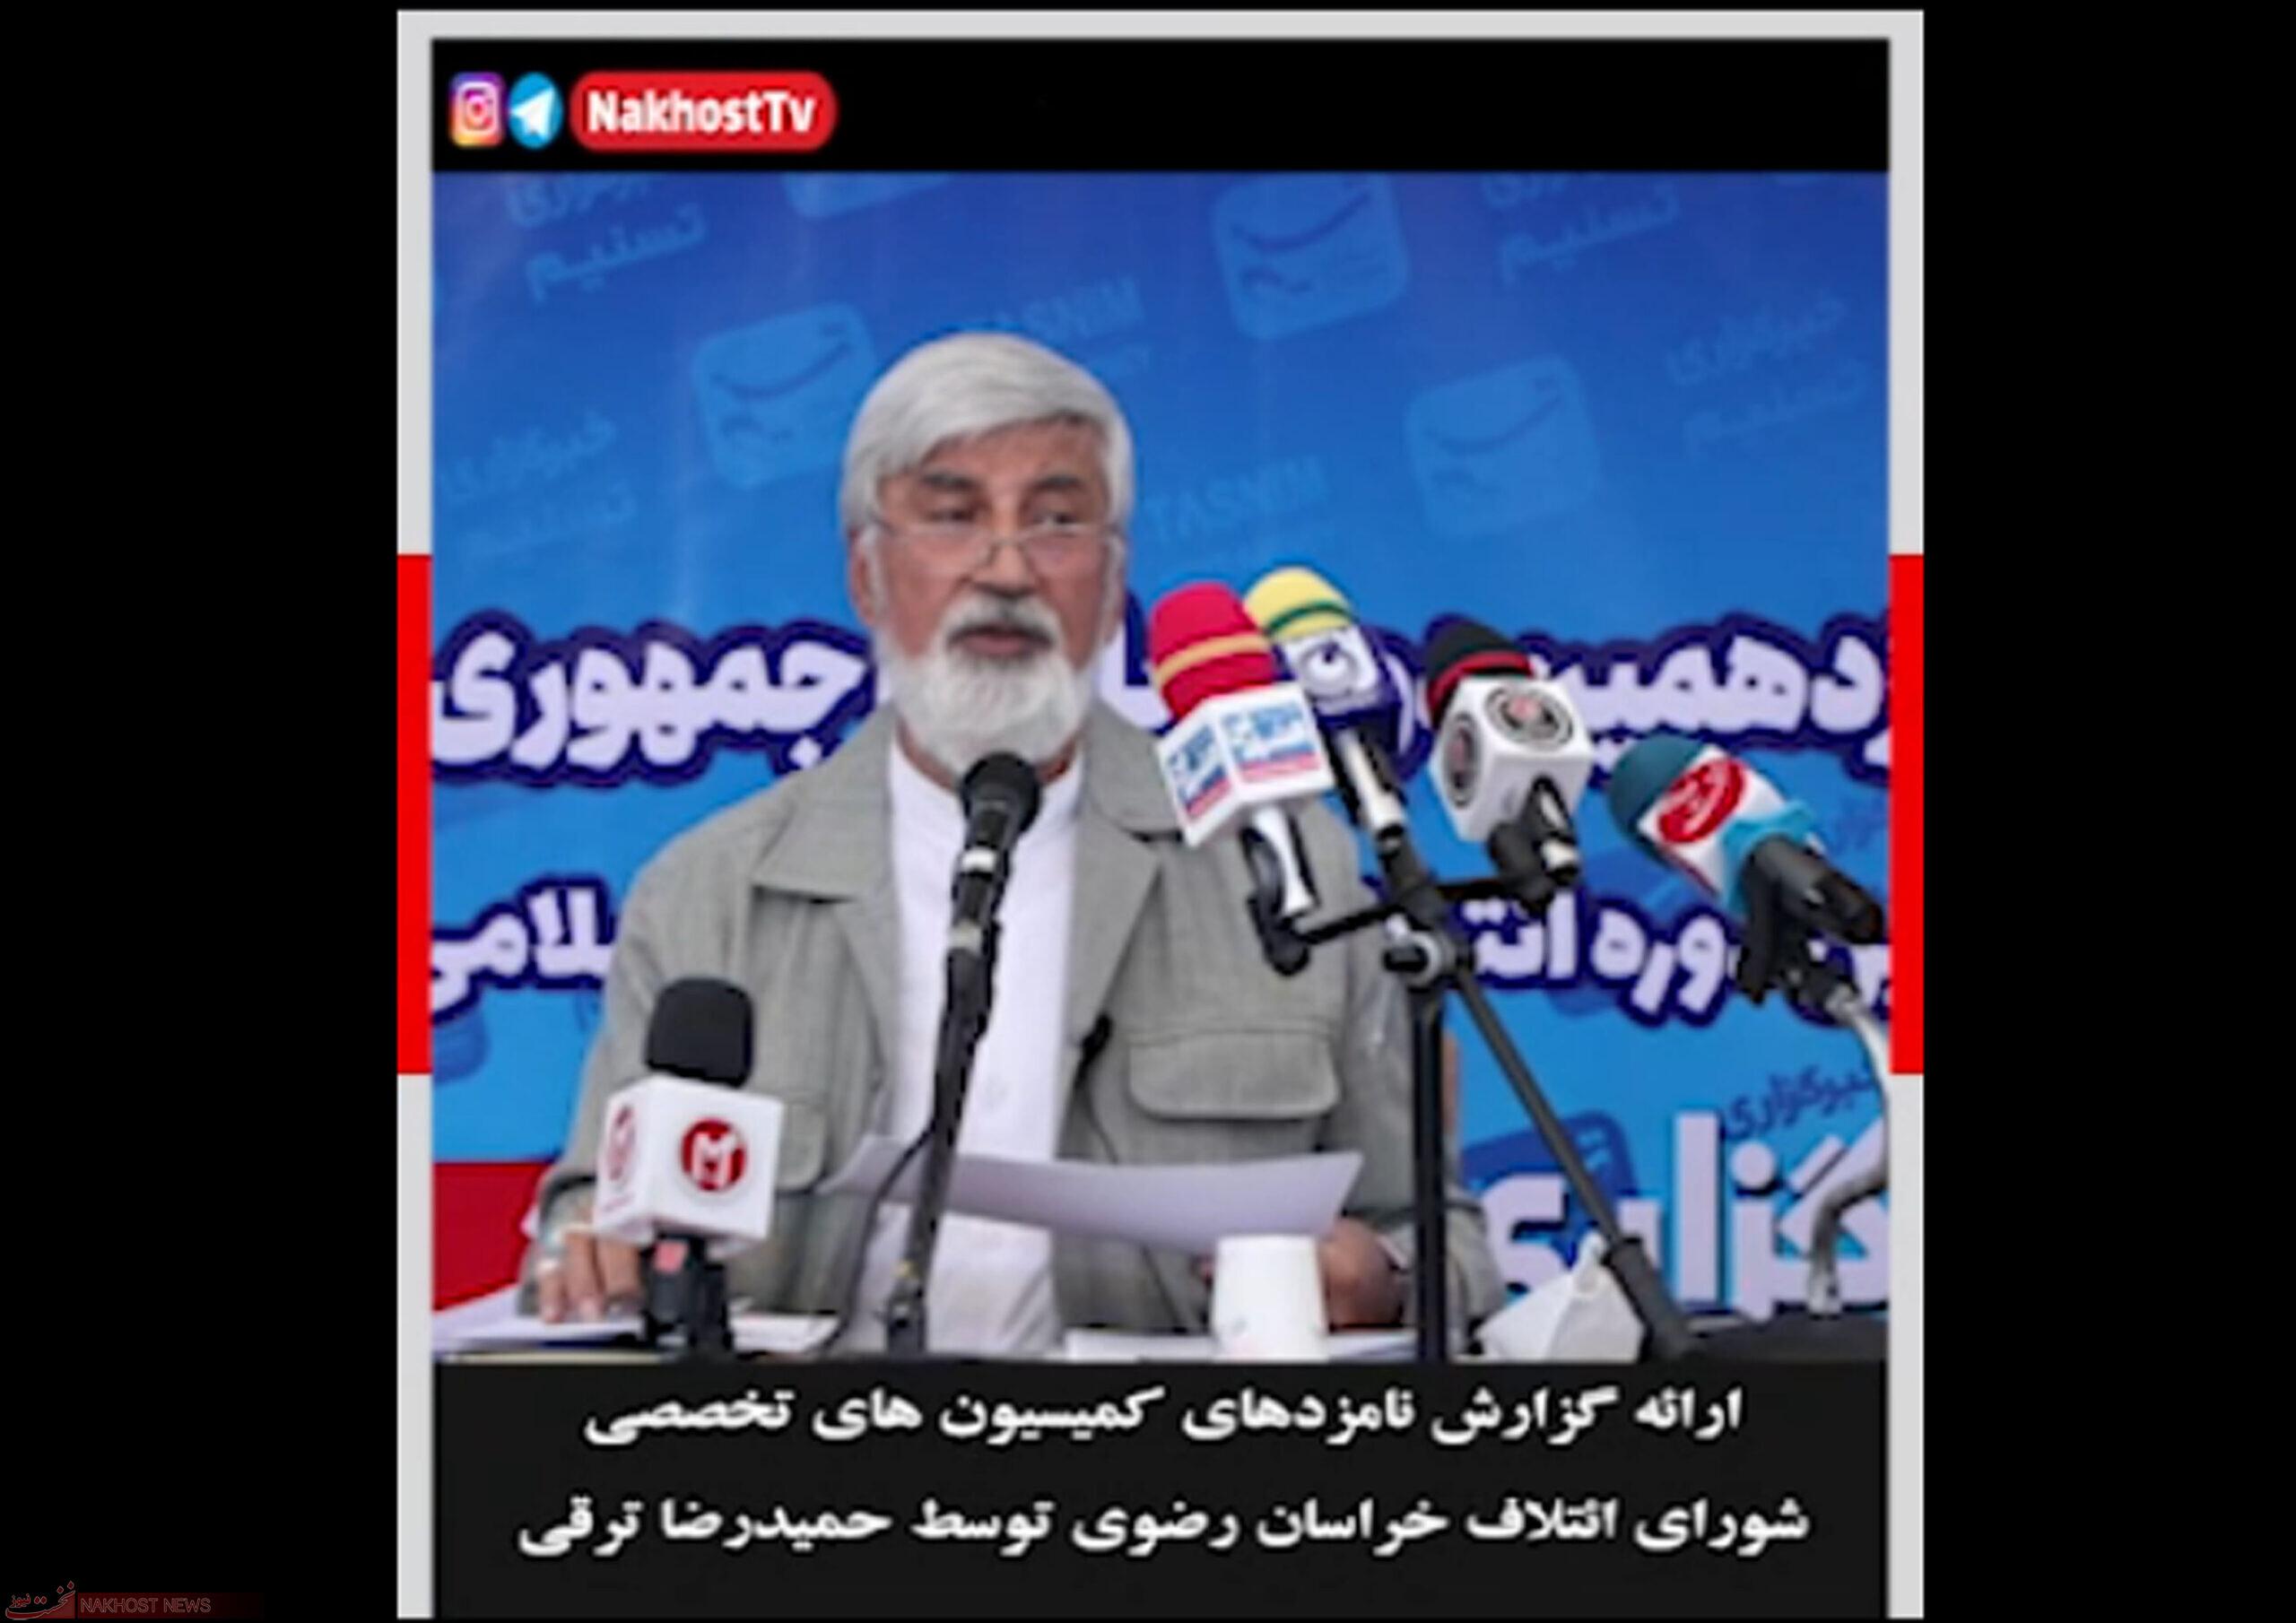 ارائه گزارش نامزدهای کمیسیون های تخصصی/ شورای ائتلاف خراسان رضوی توسز حمیدرضا ترقی